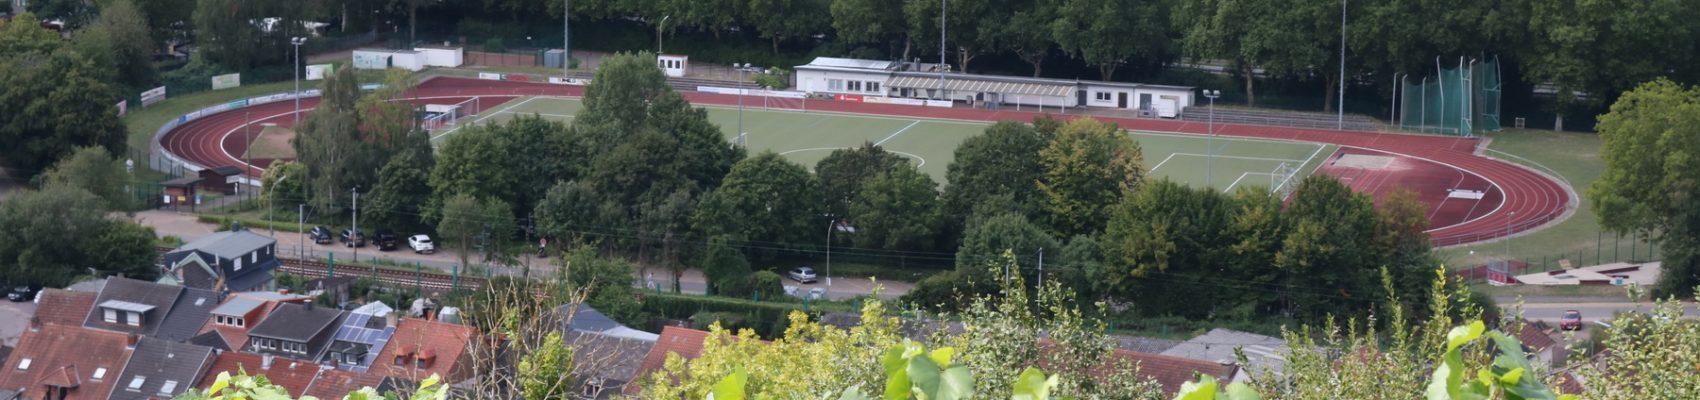 Blättelbornstadion in Merzig